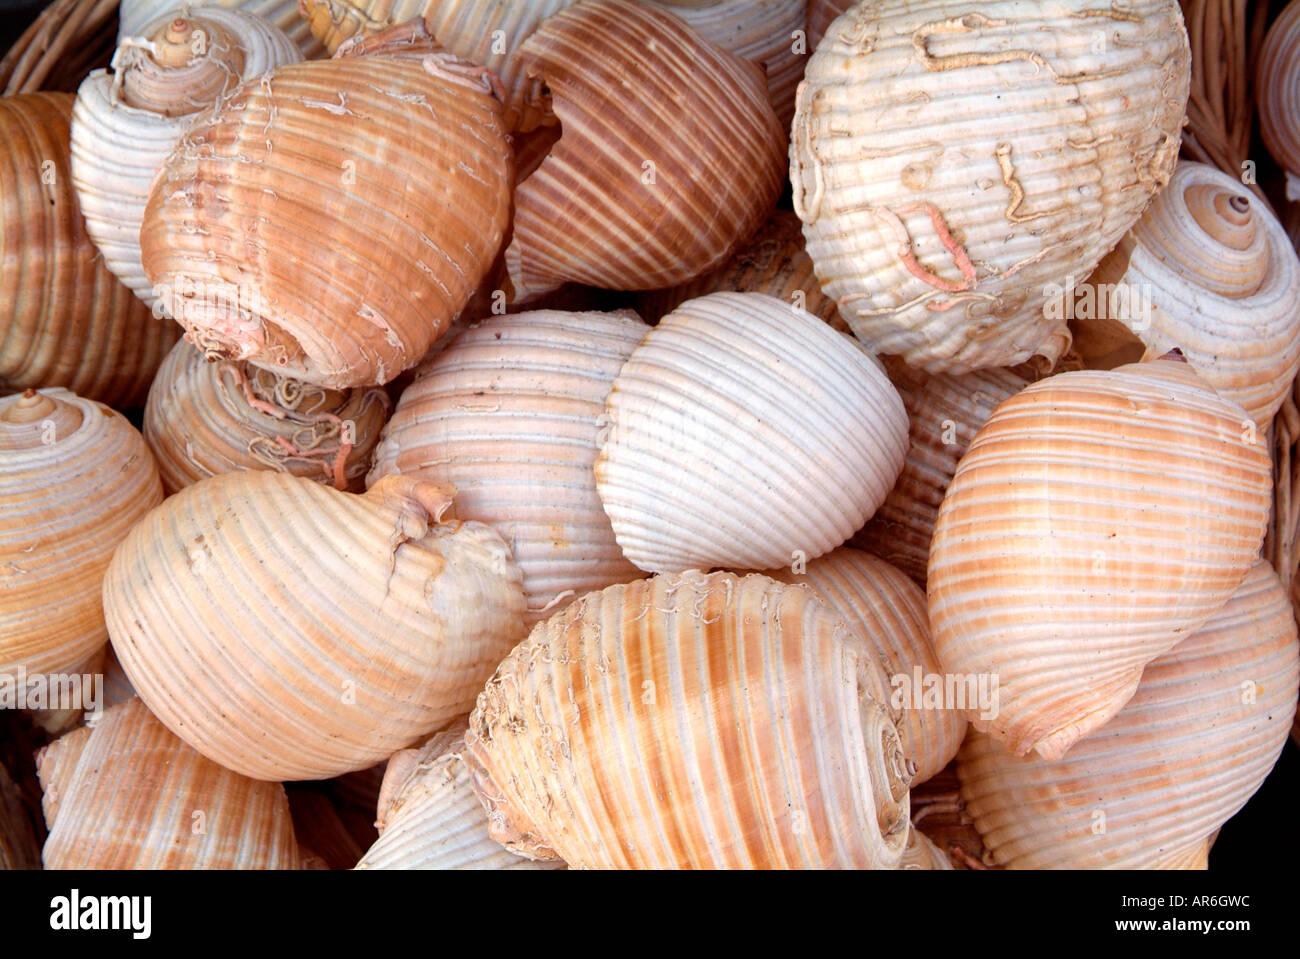 Shell naturelle de calcium sel marin spirale dur l'eau plongée recueillir marché hebdomadaire semaine bazar boutique commerce de détail vendent du marché Banque D'Images